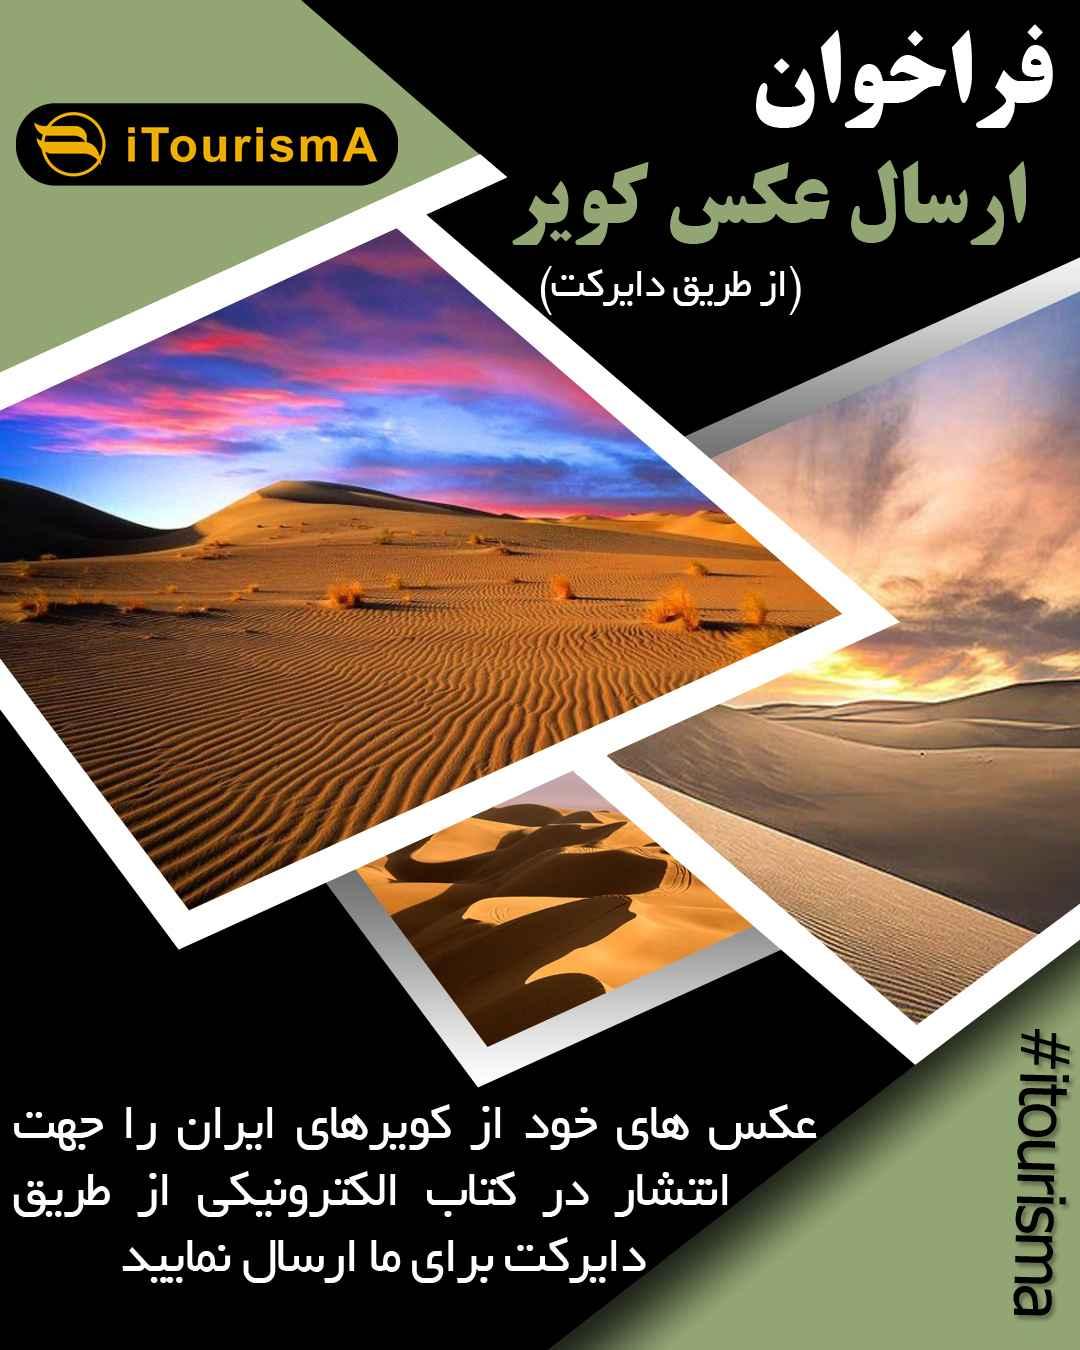 فراخوان ارسال عکس با موضوع معرفی کویرهای ایران